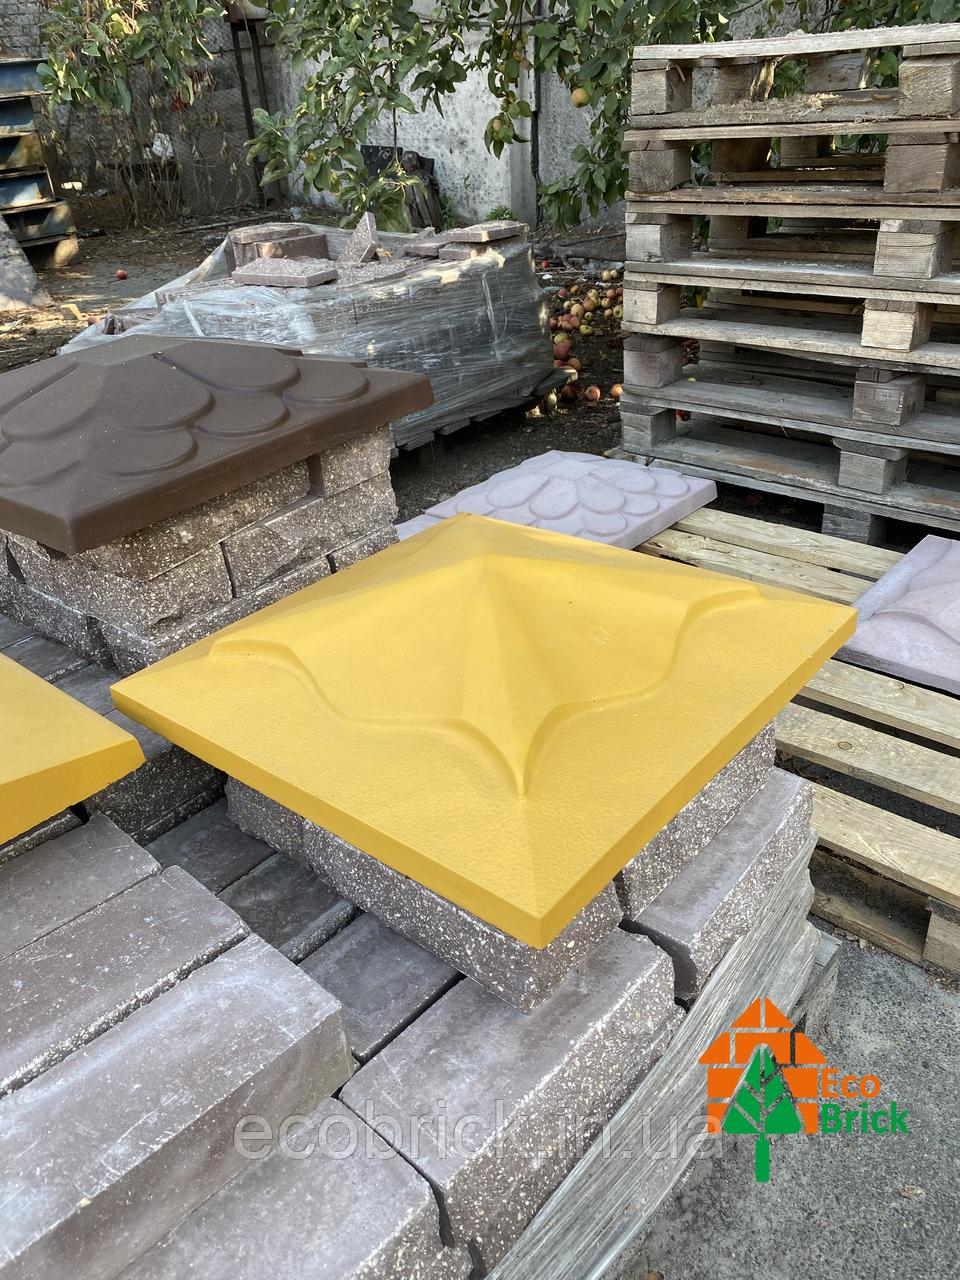 Крышка на забор «КВІТКА» 450х450 мм. цвет жёлтый,вес 24 кг.